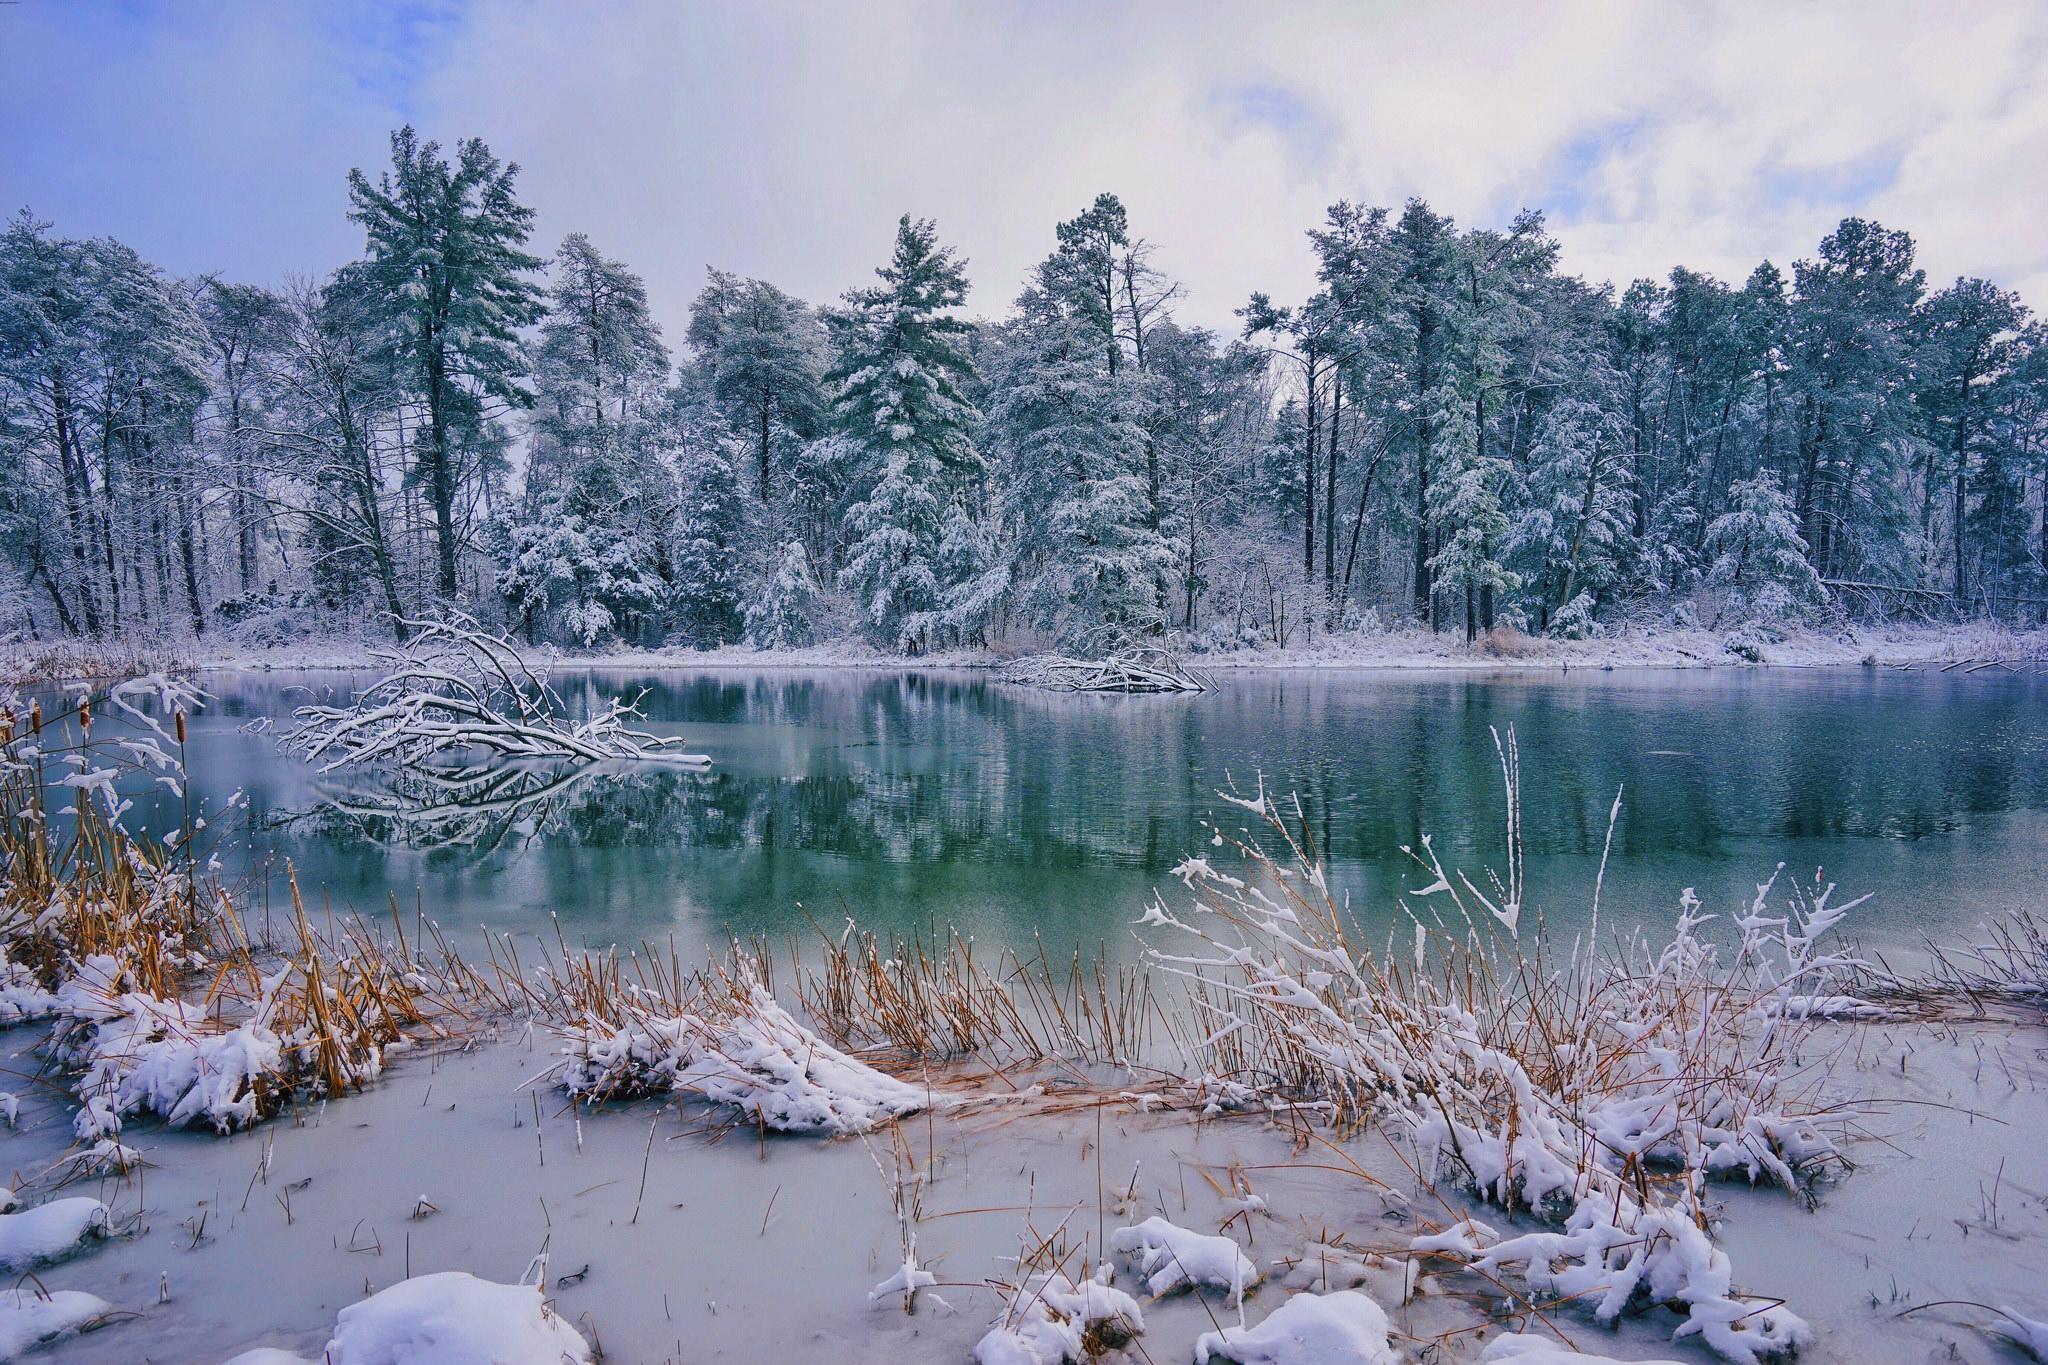 озеро, лес, деревья